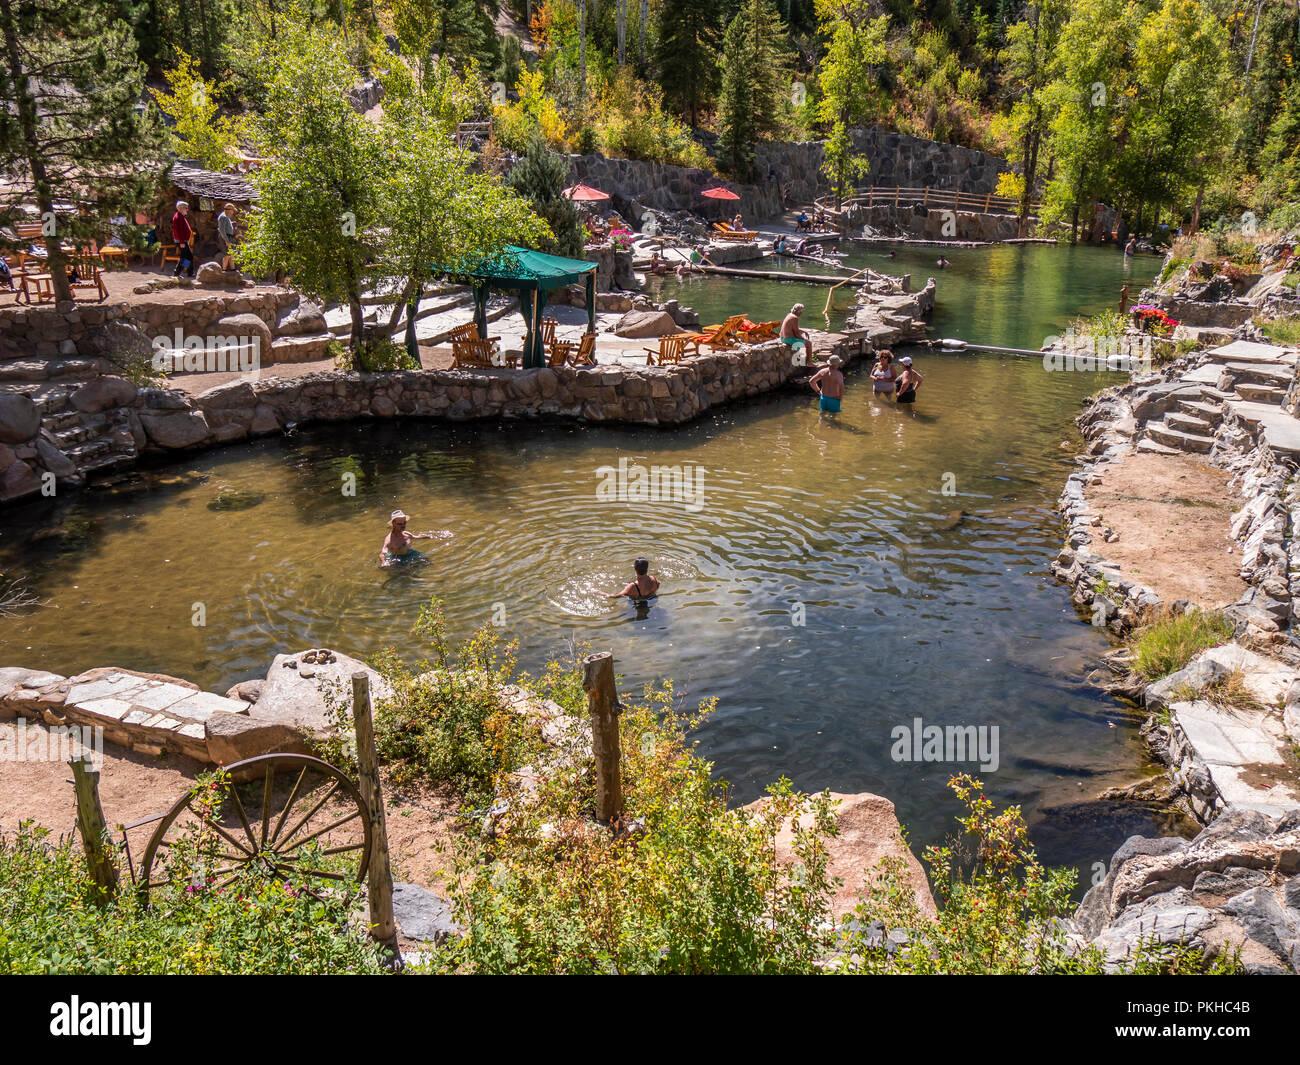 Los bañistas, remoje en agua tibia, el Strawberry Park Hot Springs, en Steamboat Springs, Colorado. Imagen De Stock